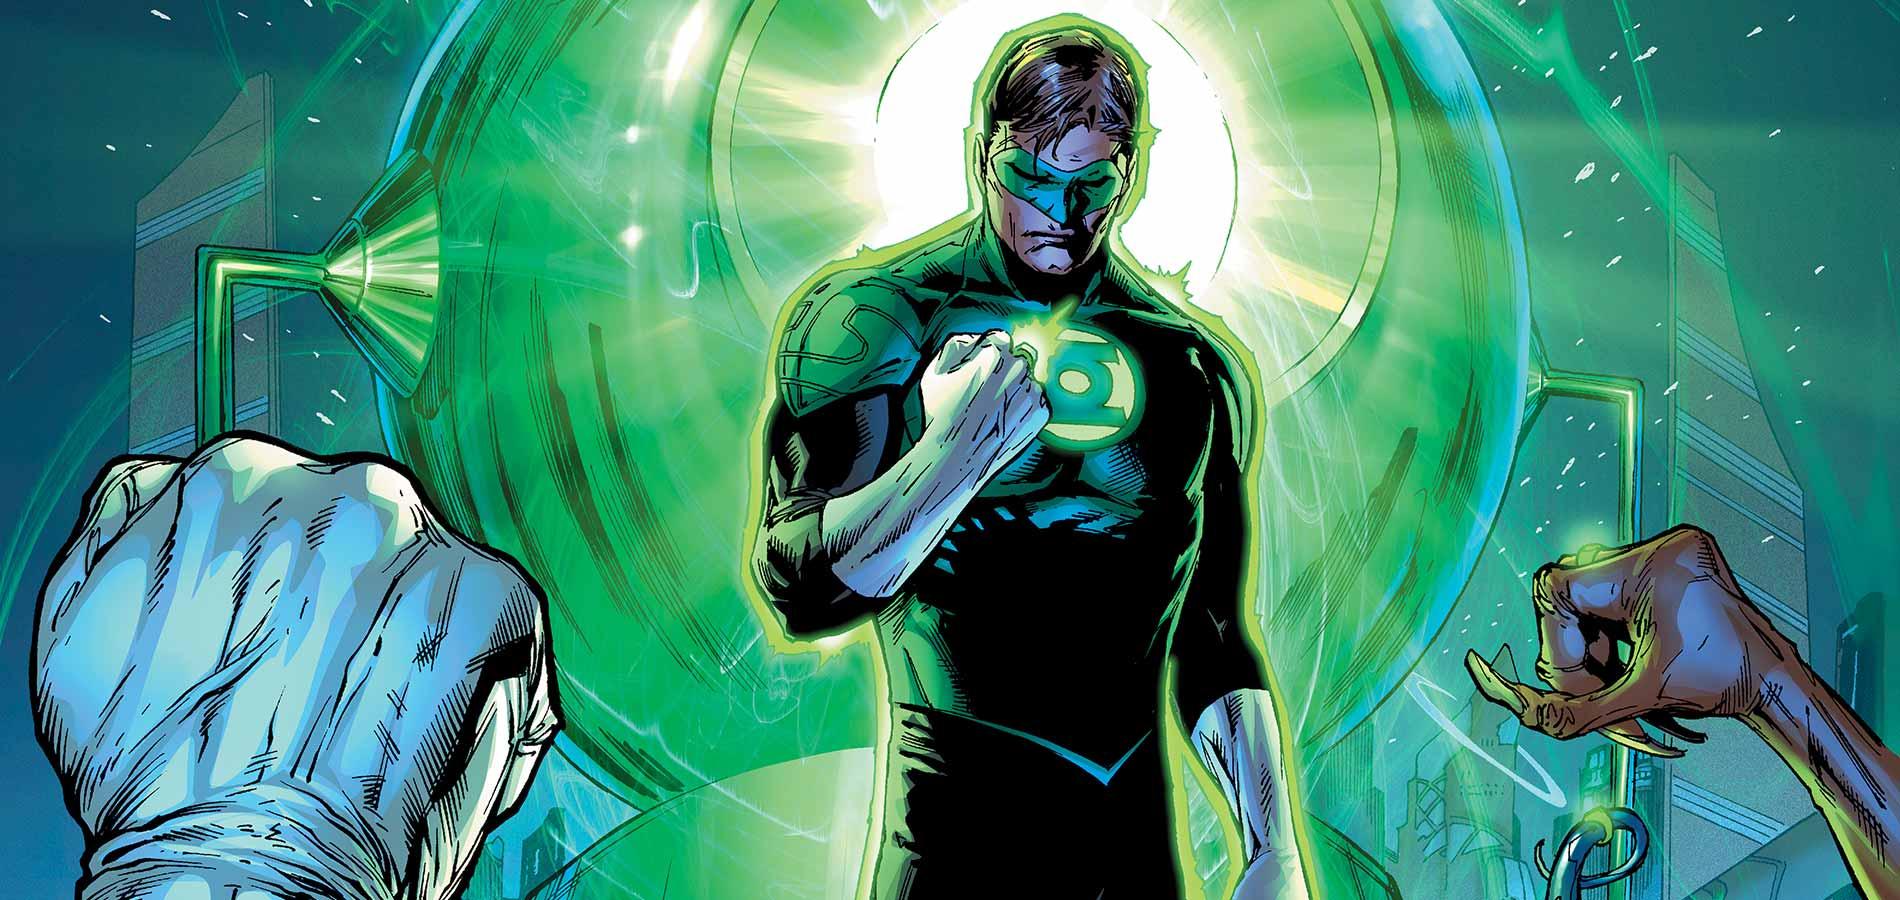 comic-weekly-18-11-5-www-culturageek-com-ar